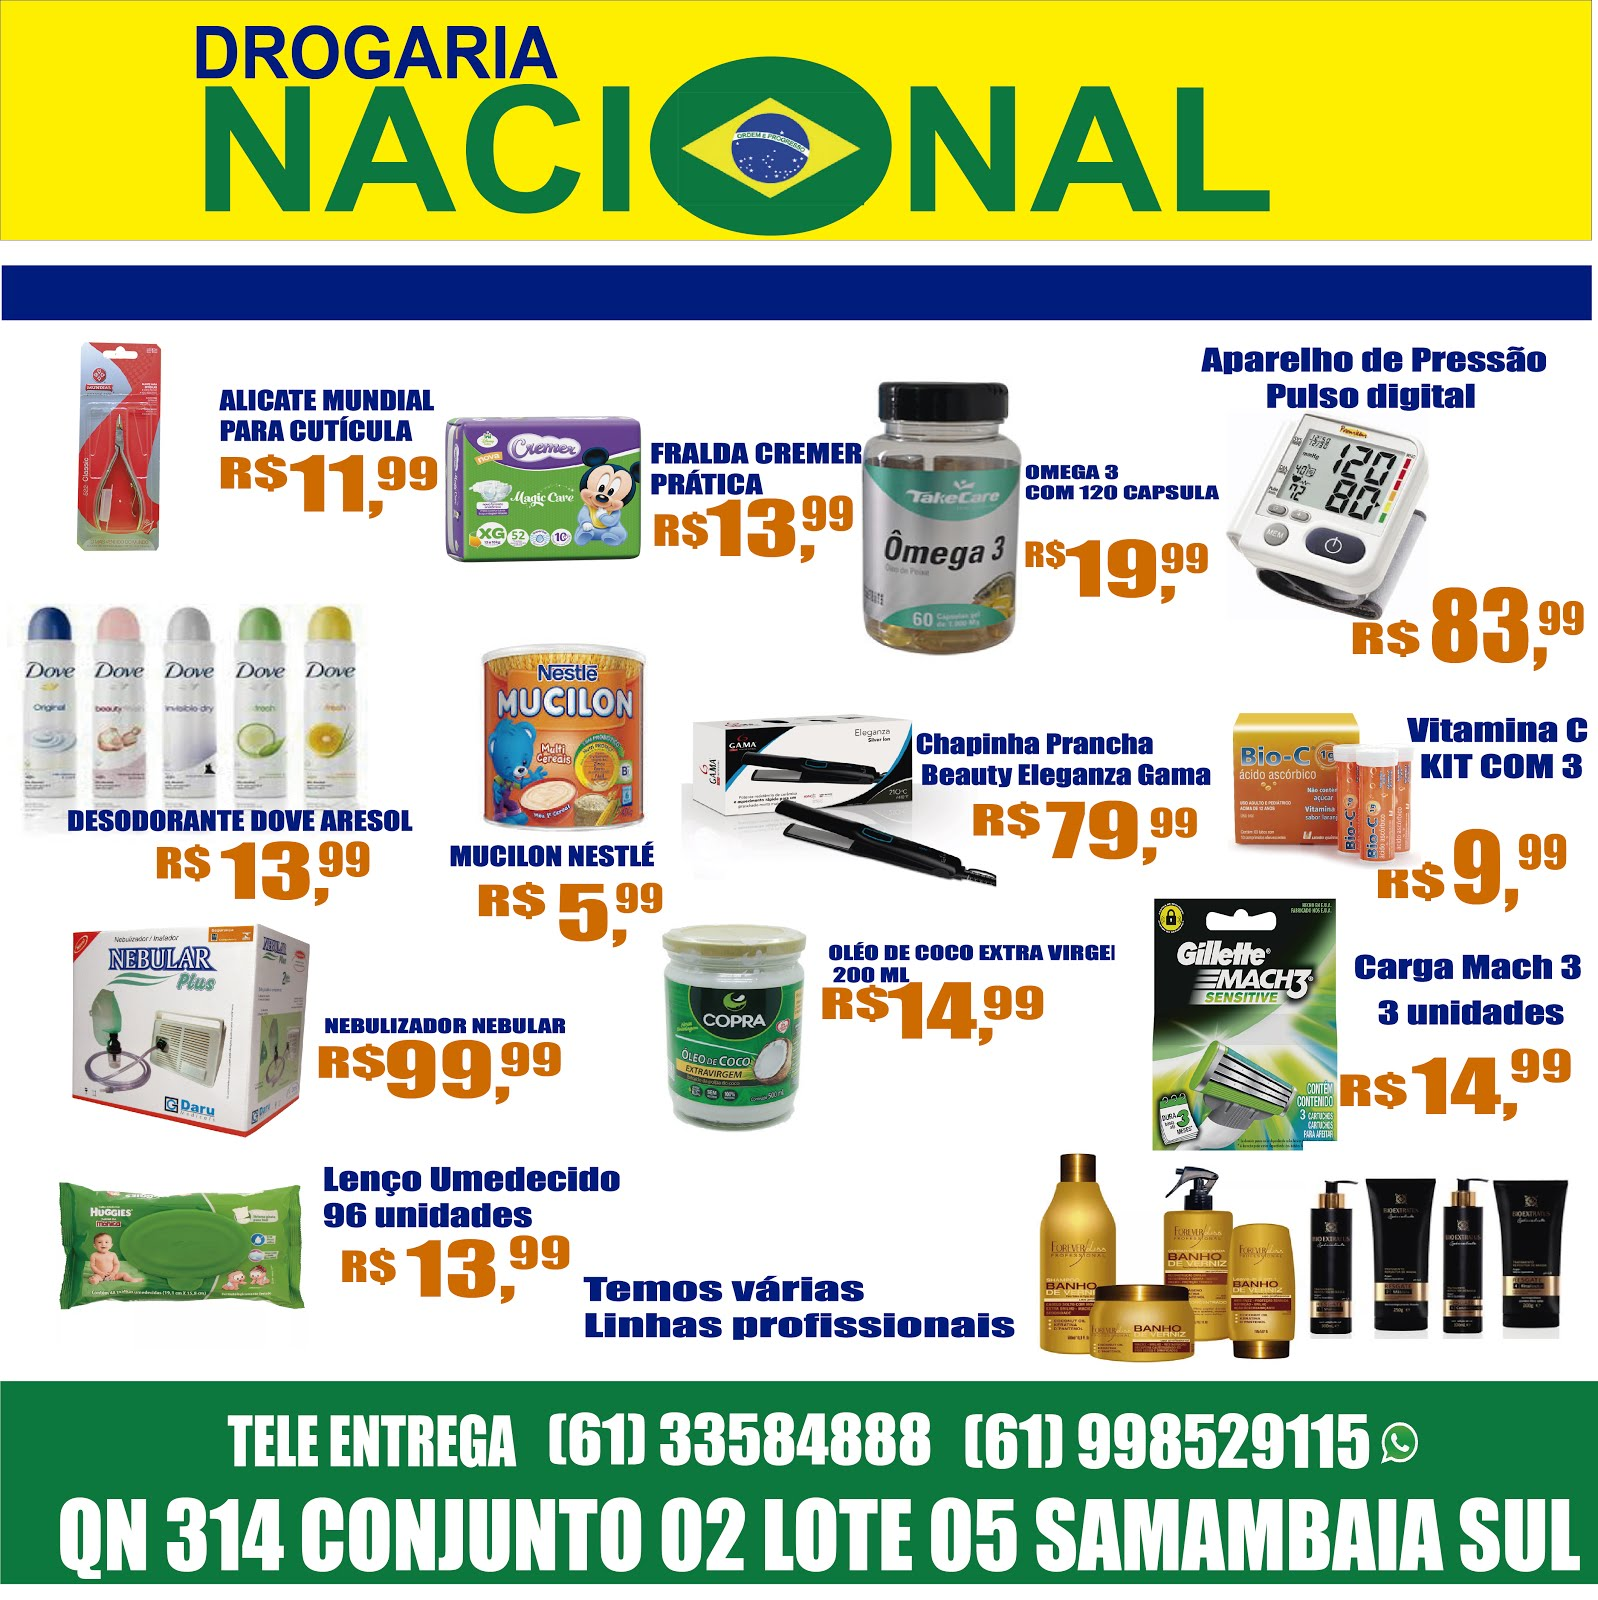 Drogaria Nacional